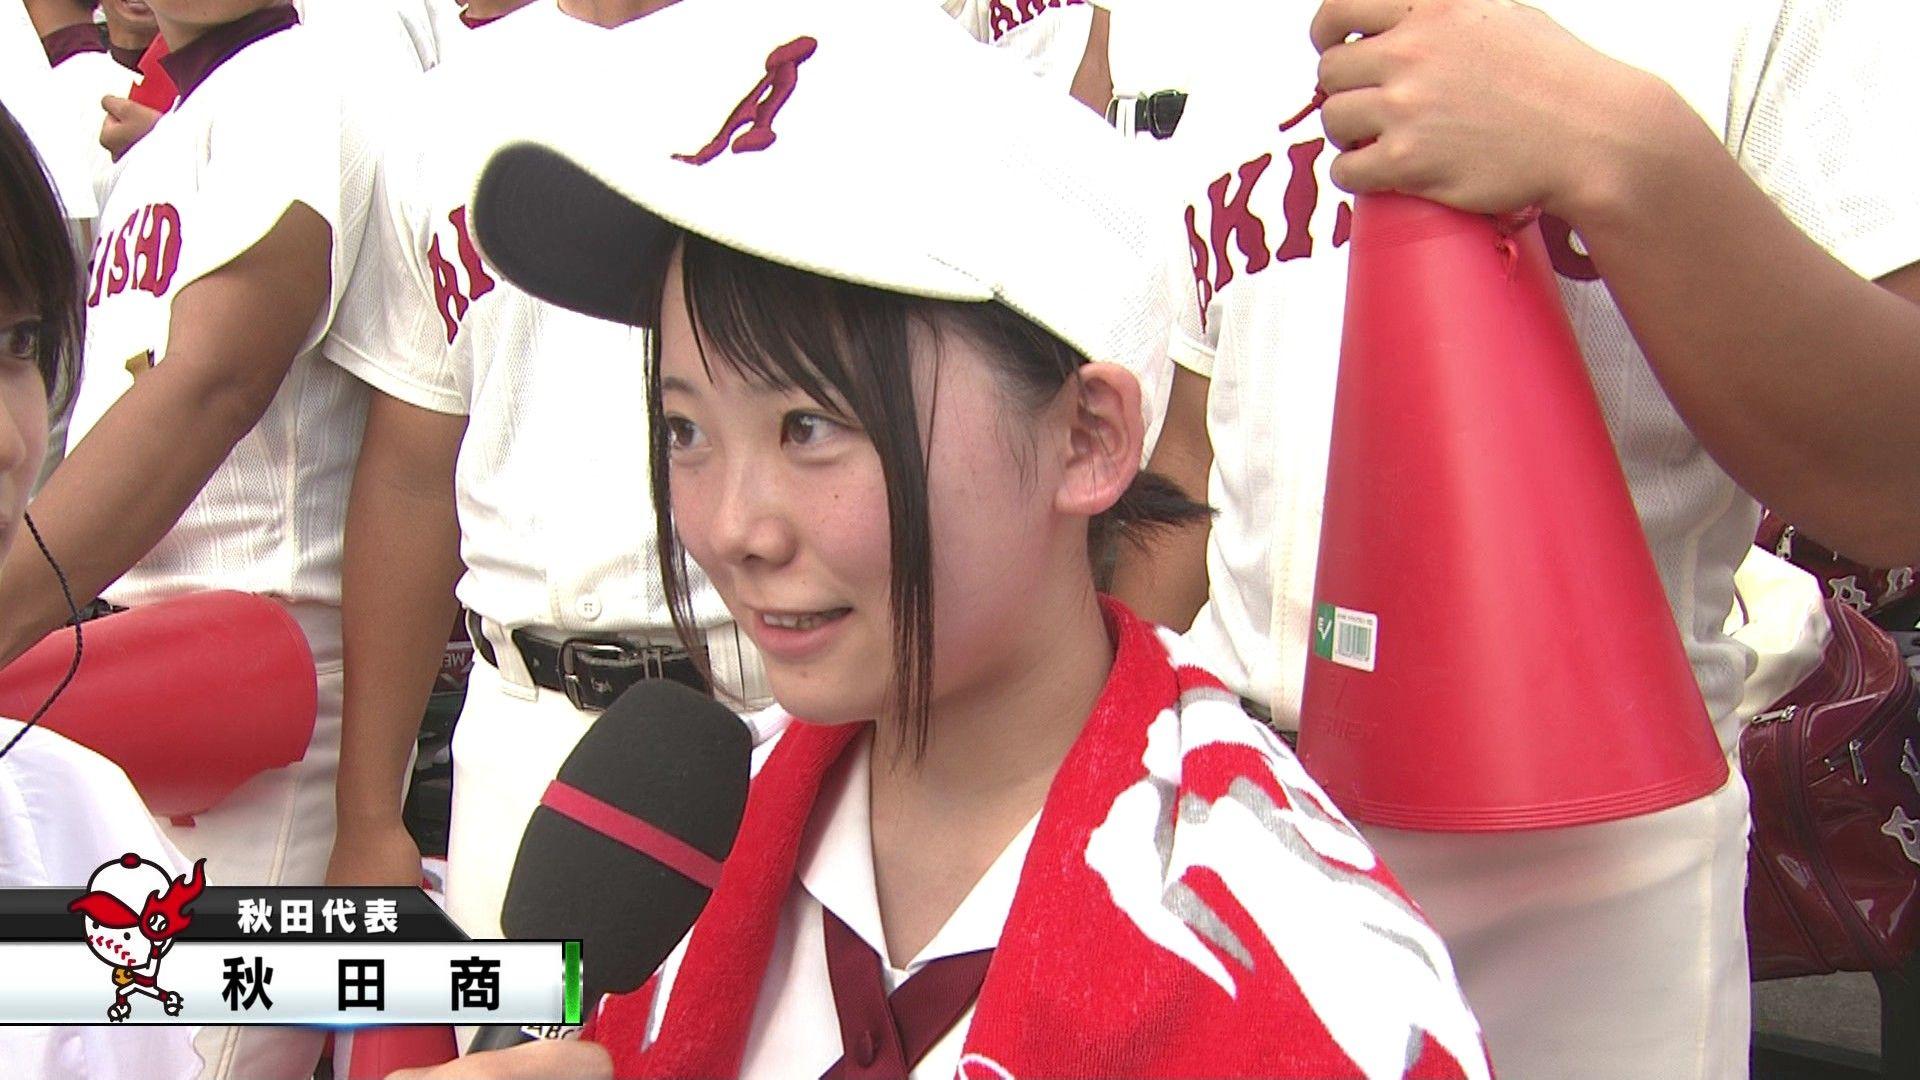 広島新庄高校のチアがかわいい・・。野球 ...